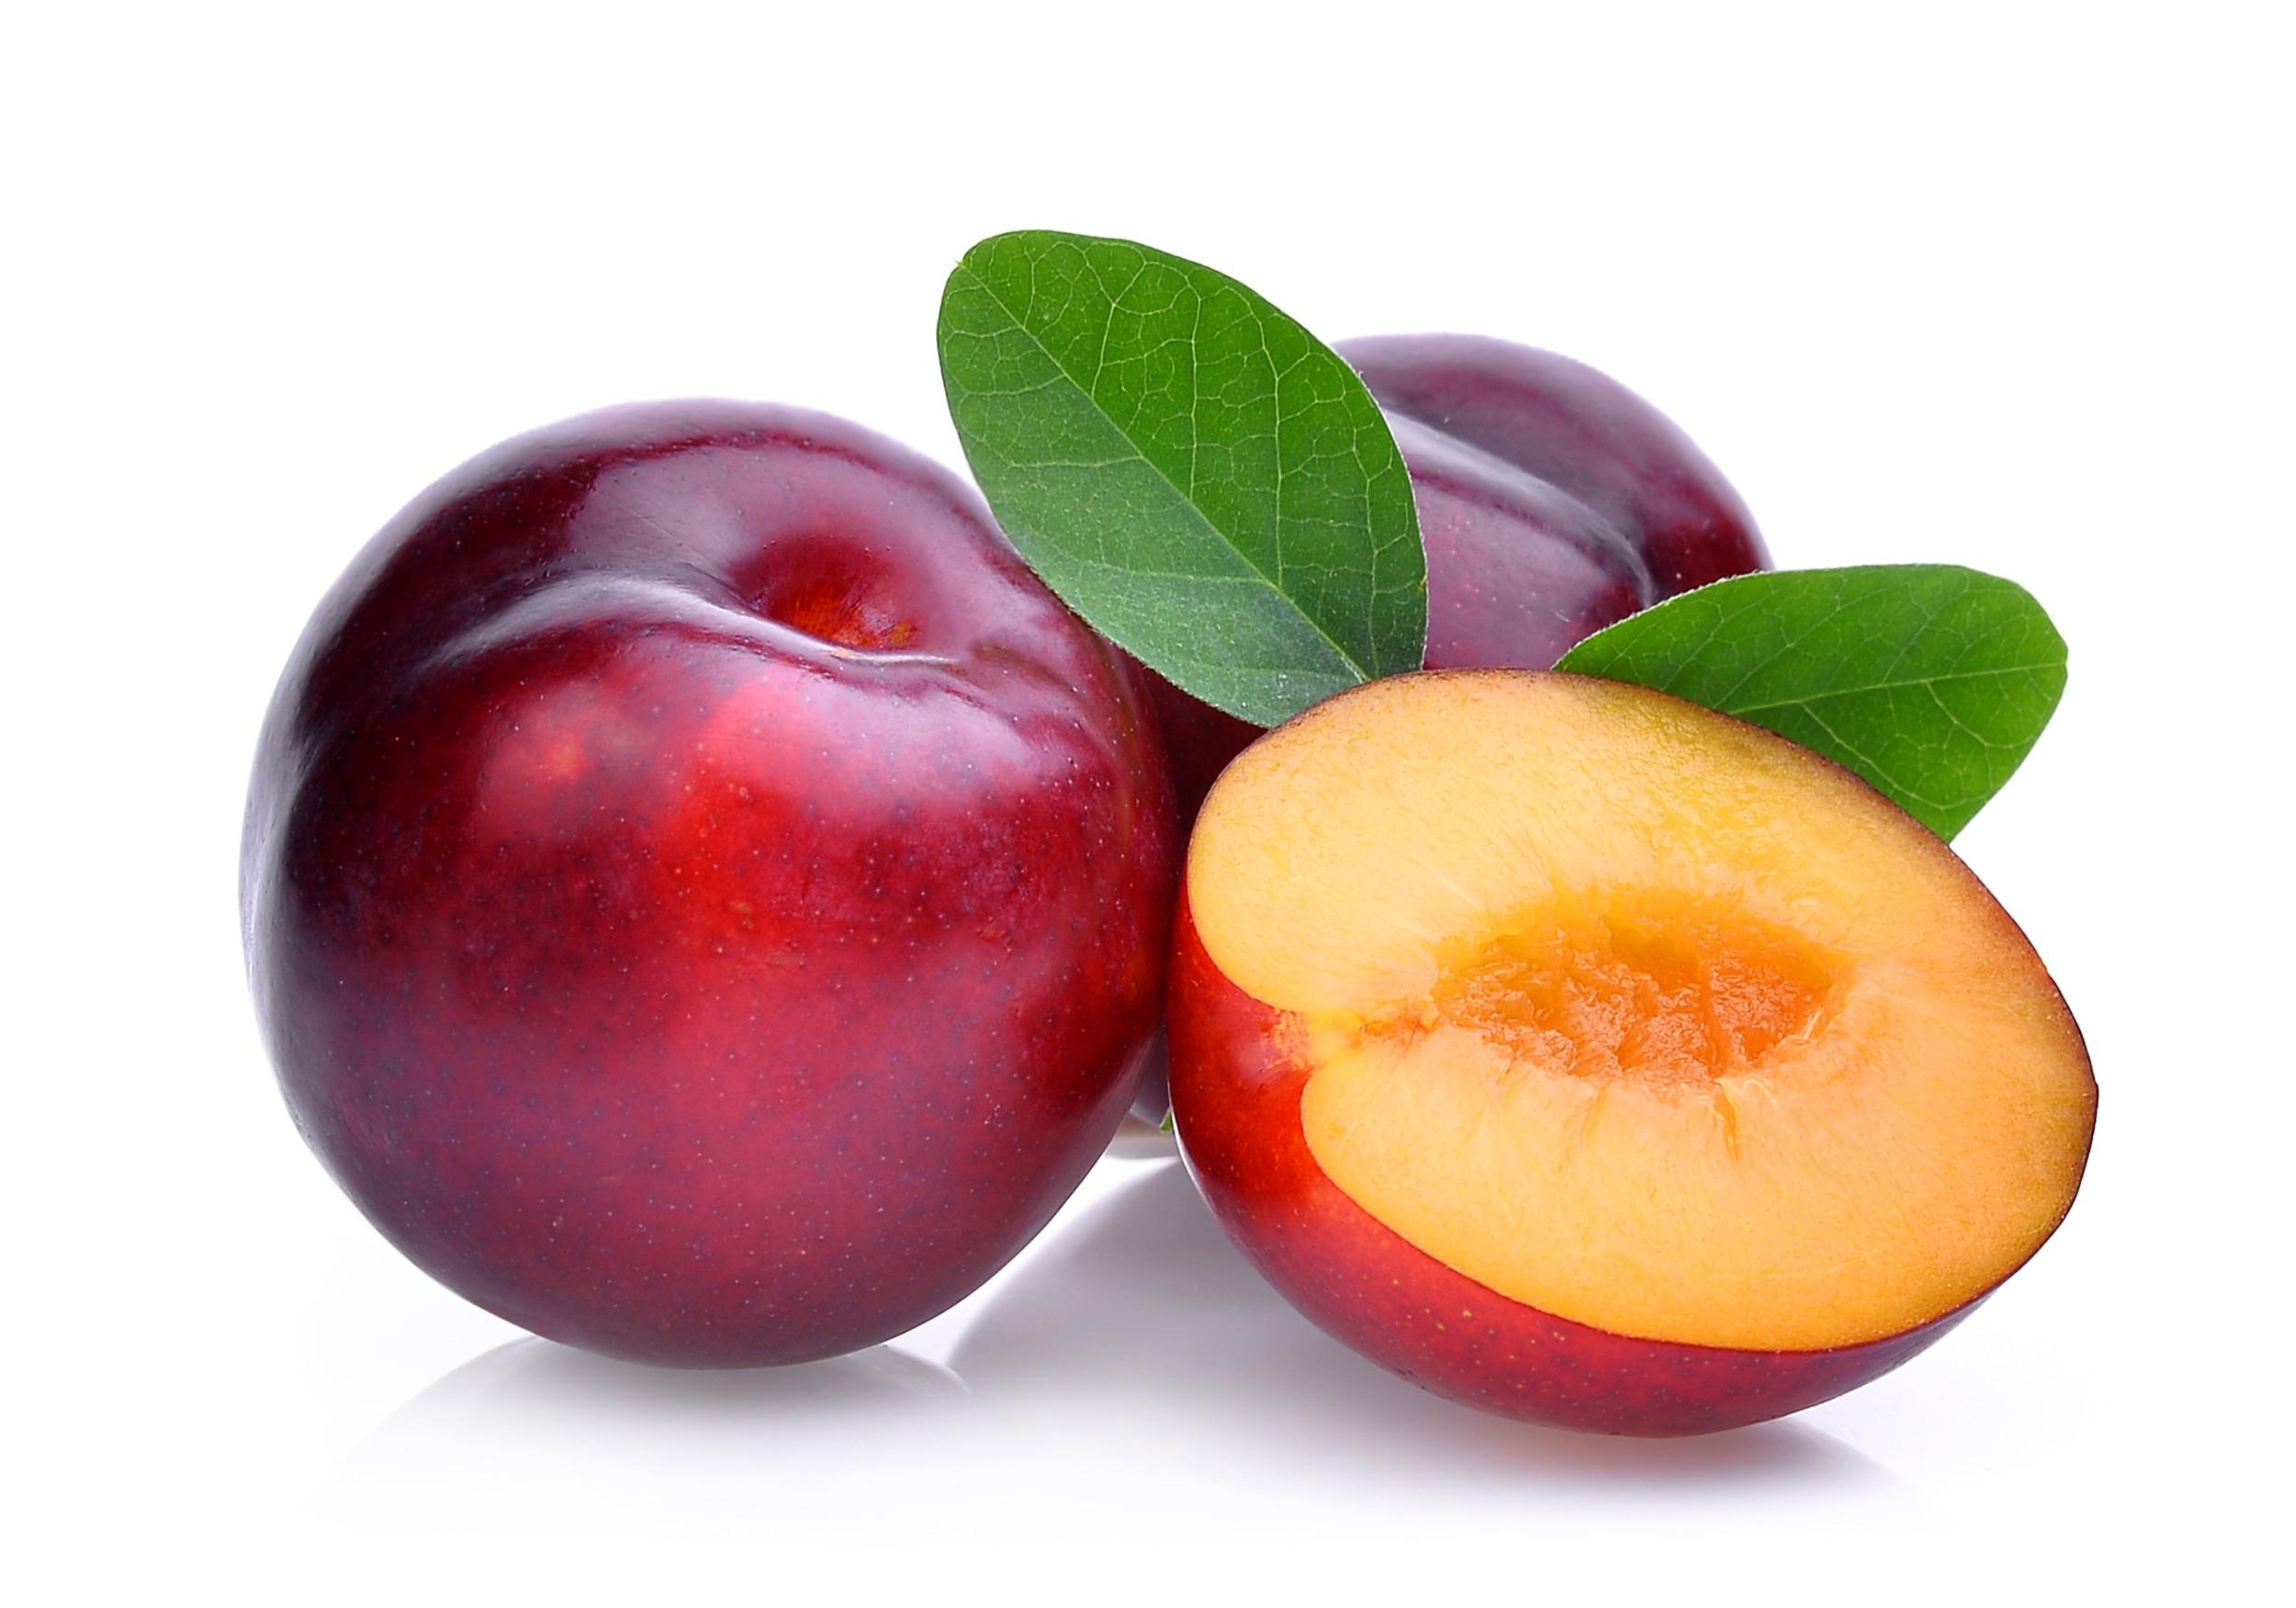 ameixa-fruta_645293734-1